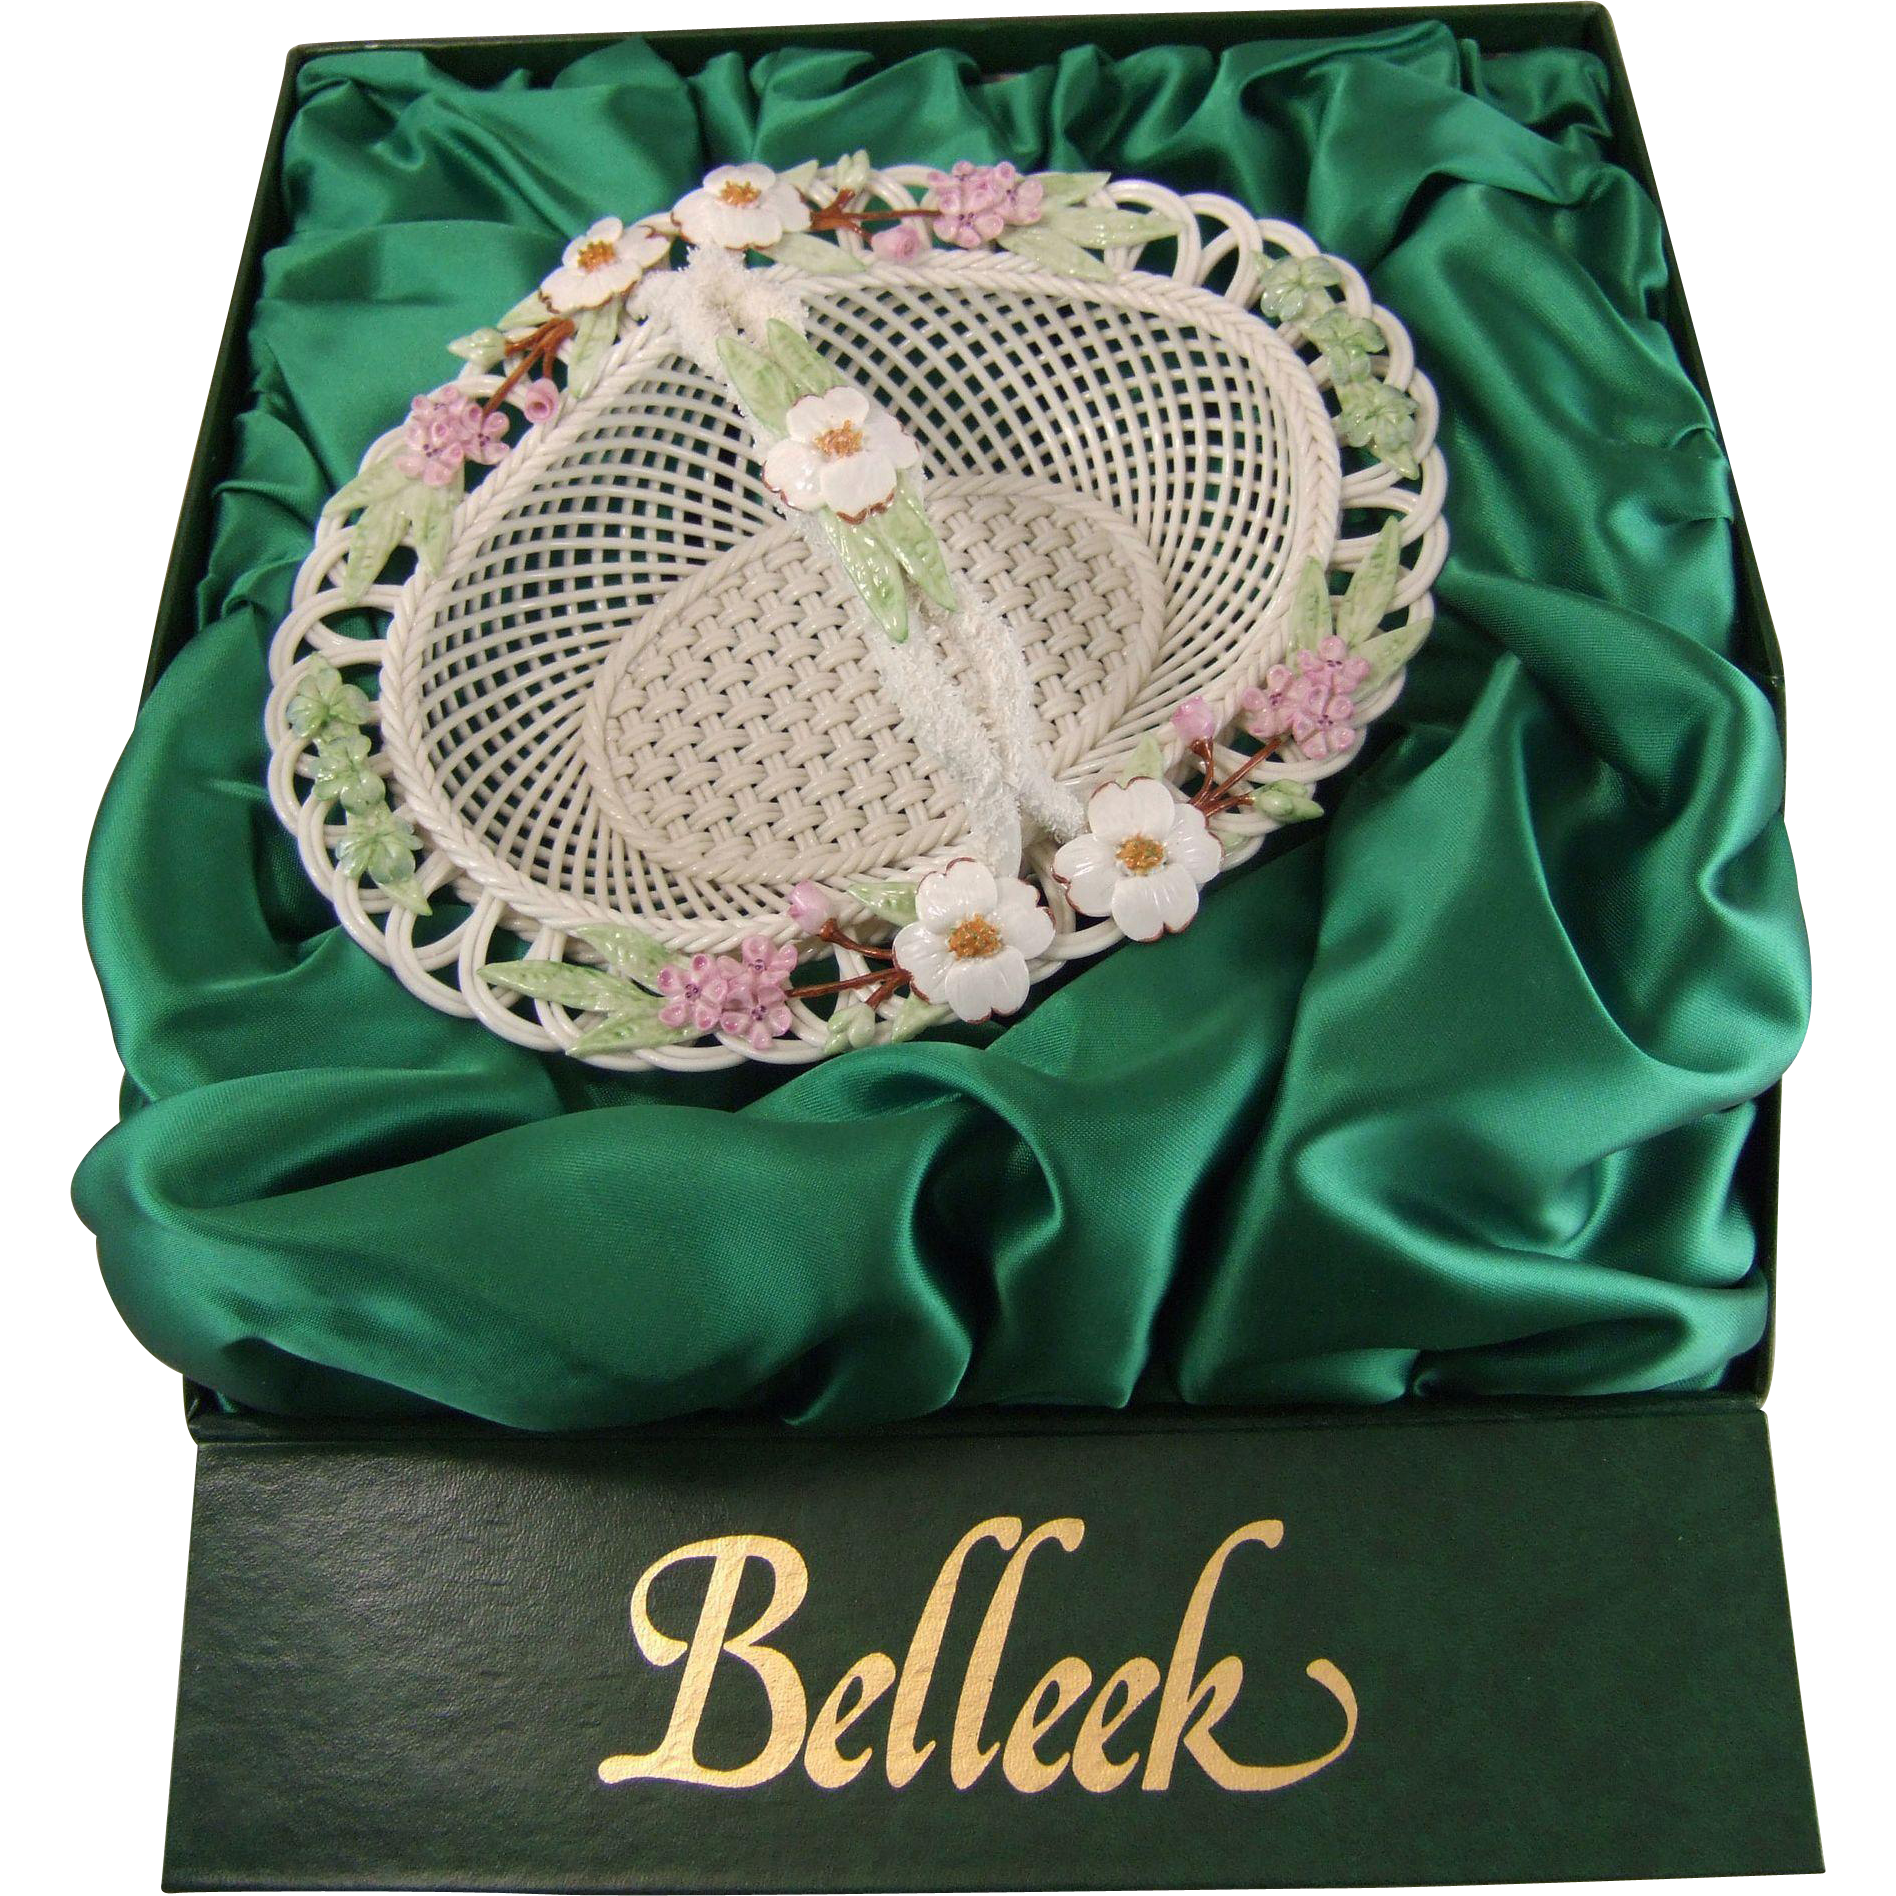 Belleek Porcelain Richard Degenhardt 1995 Handled Basket